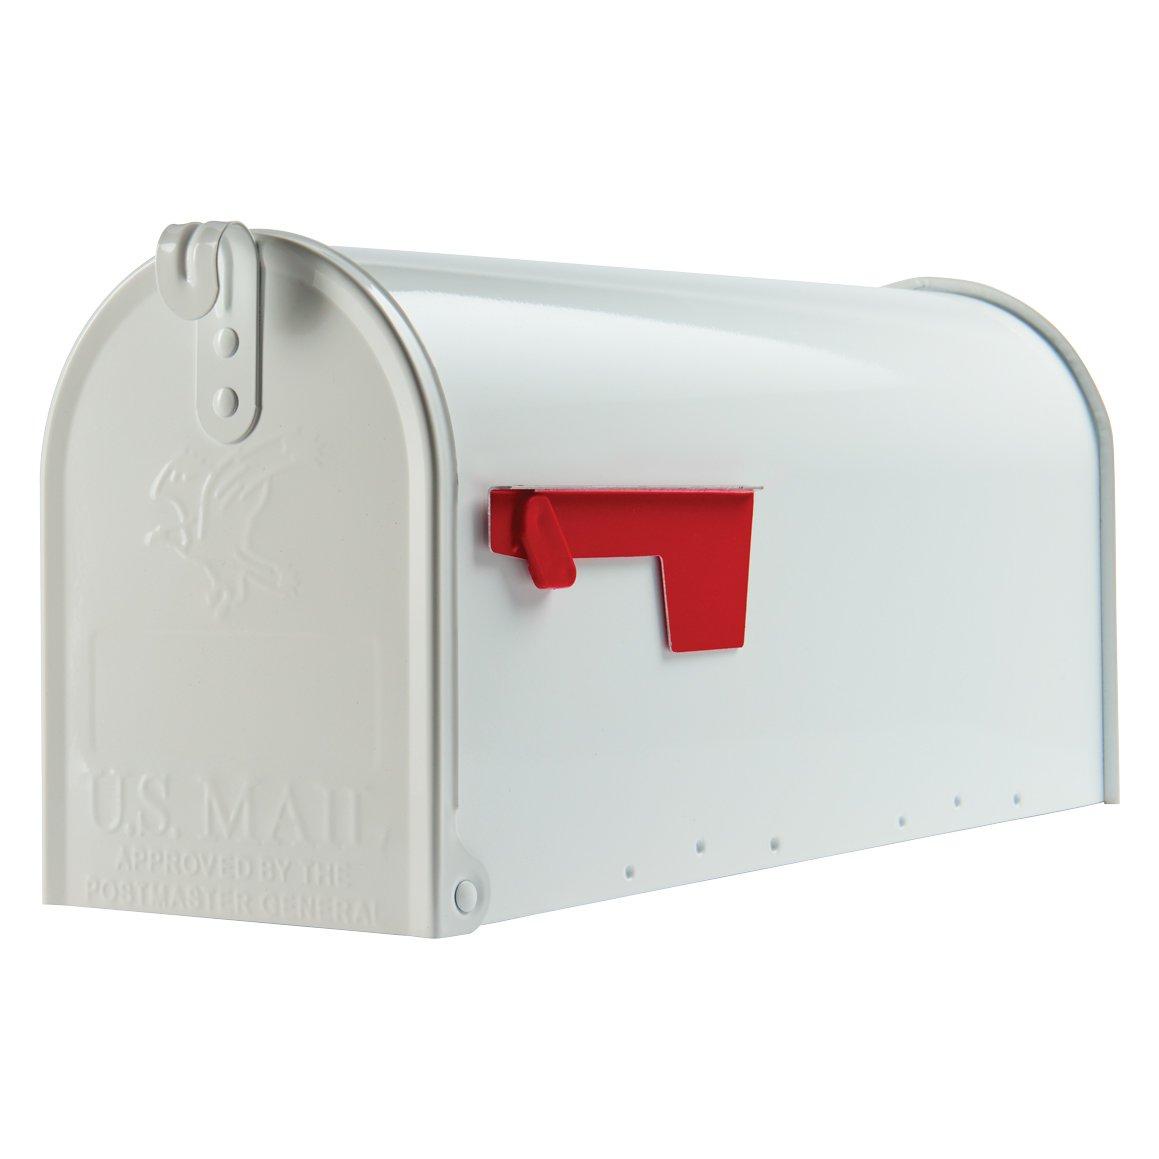 Gibraltar Mailboxes Elite Medium Capacity Galvanized Steel White, Post-Mount Mailbox, E1100W00